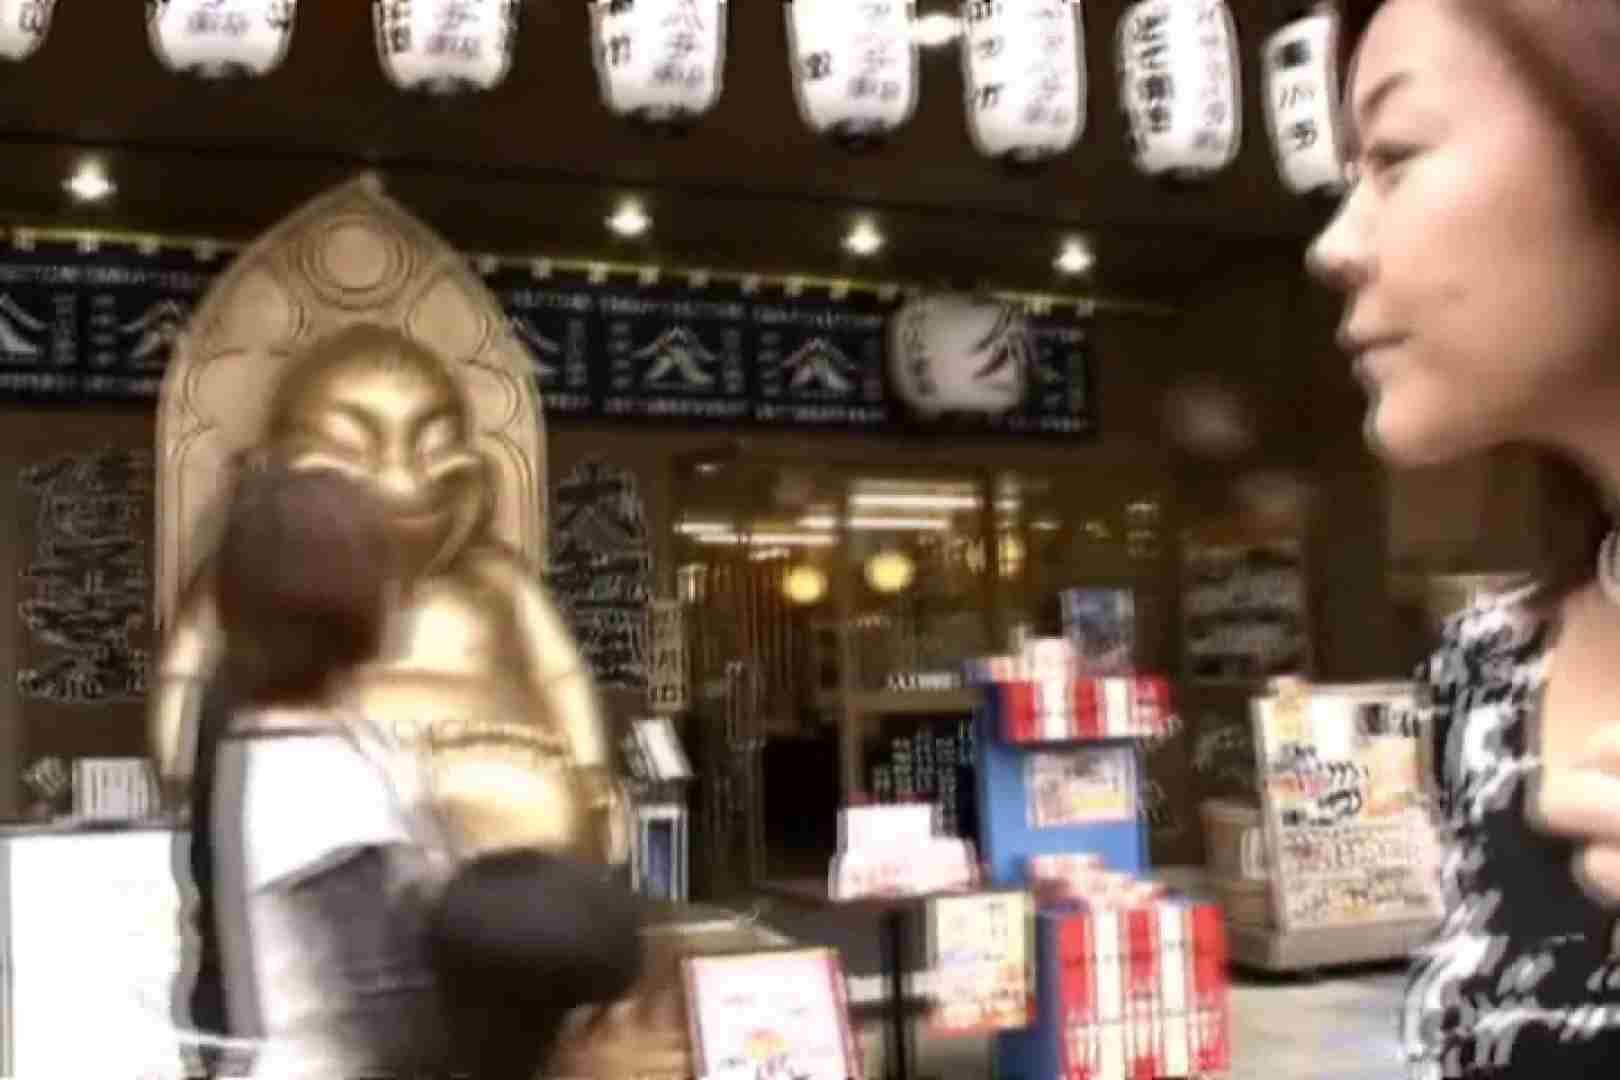 素人ナンパ本番撮り!出会い系でGET!Vol.13 素人ハメ撮り   フェラ  86pic 39